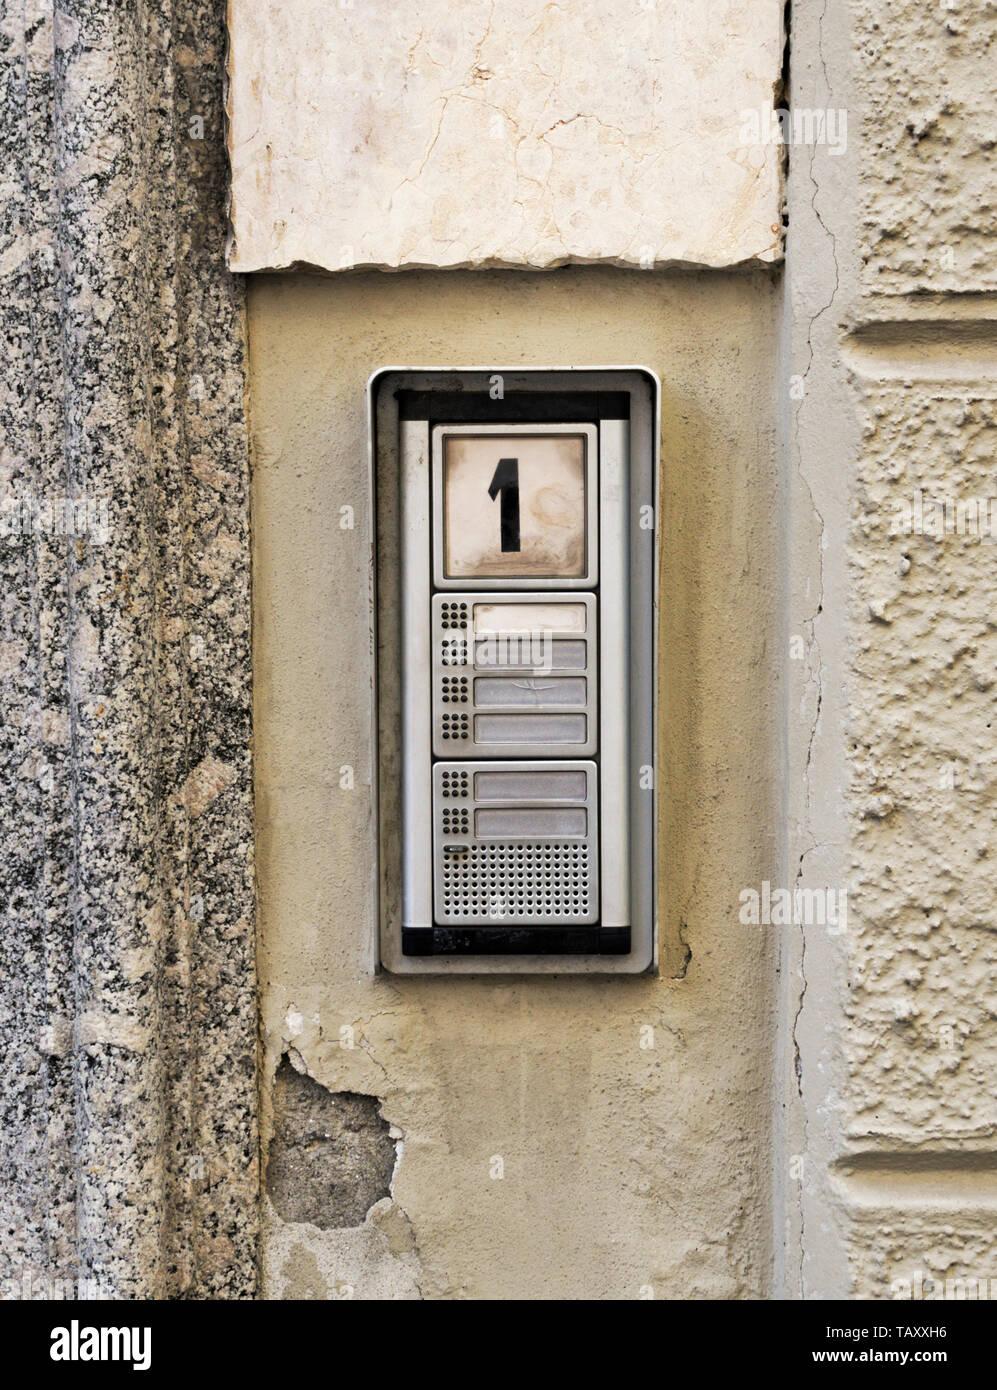 Los zumbadores de la puerta de la casa número 1, Italia Imagen De Stock